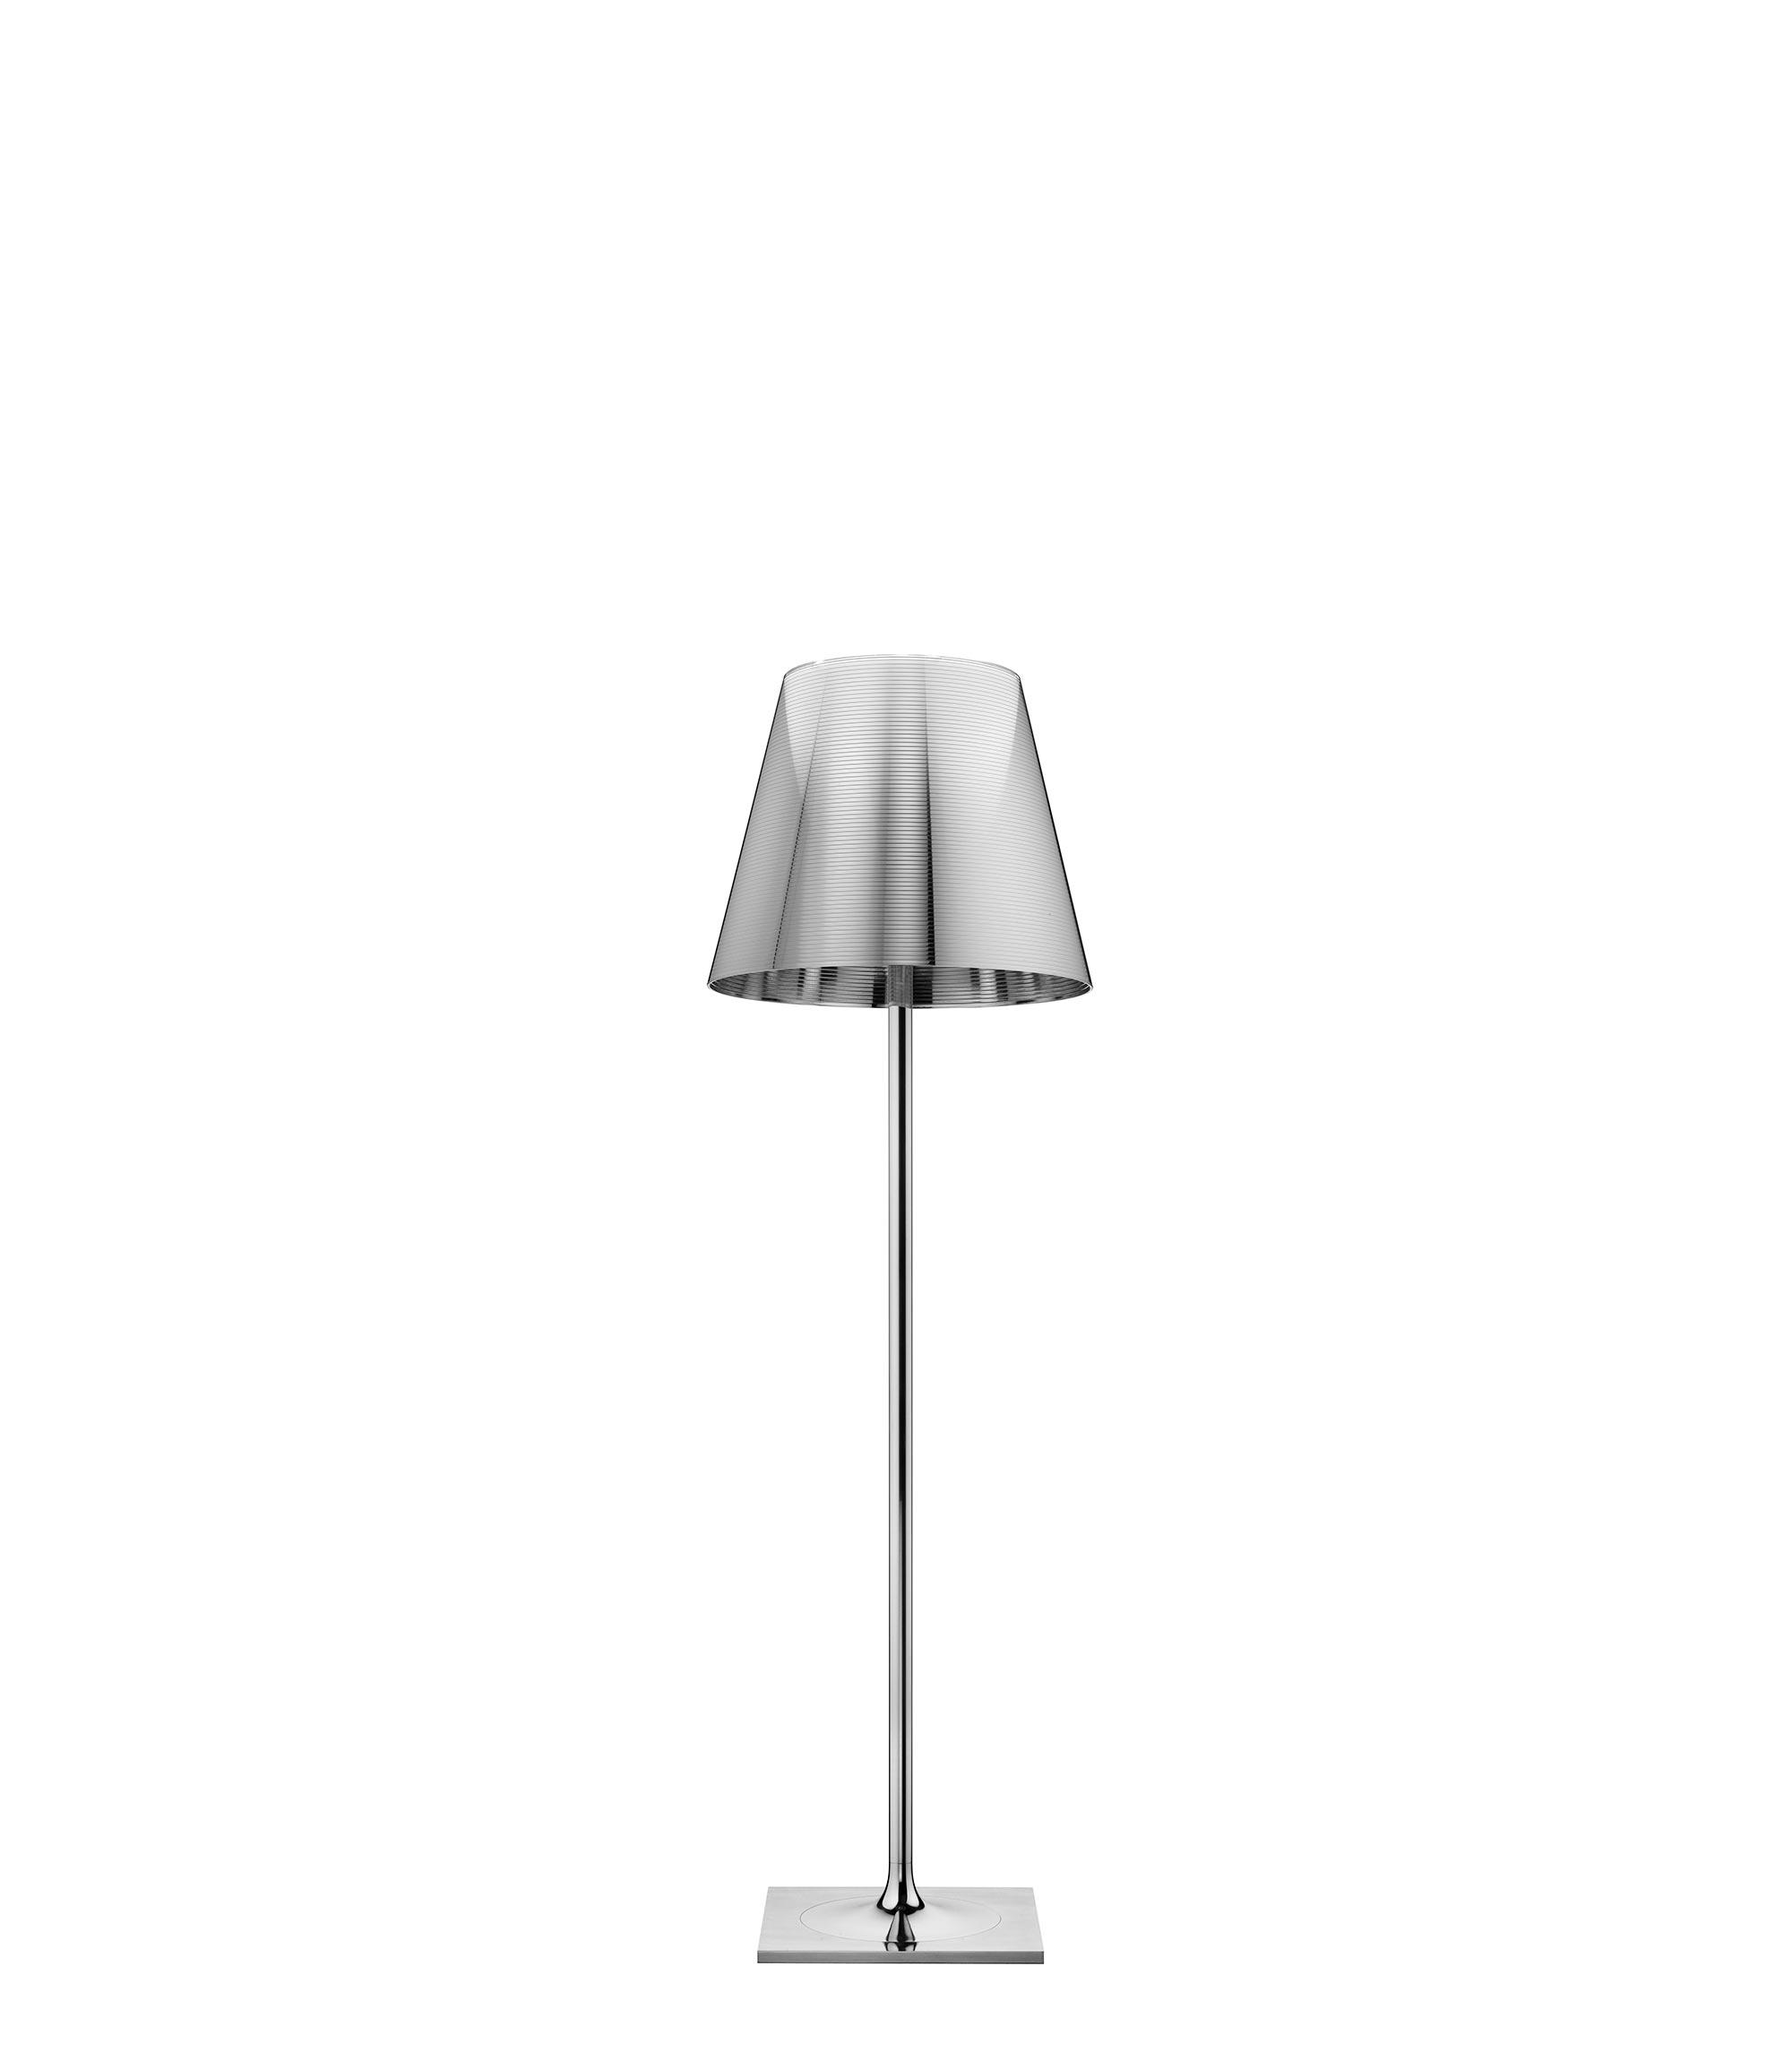 Flos Ktribe F3.Ktribe Floor 3 Lamp Floor Flos